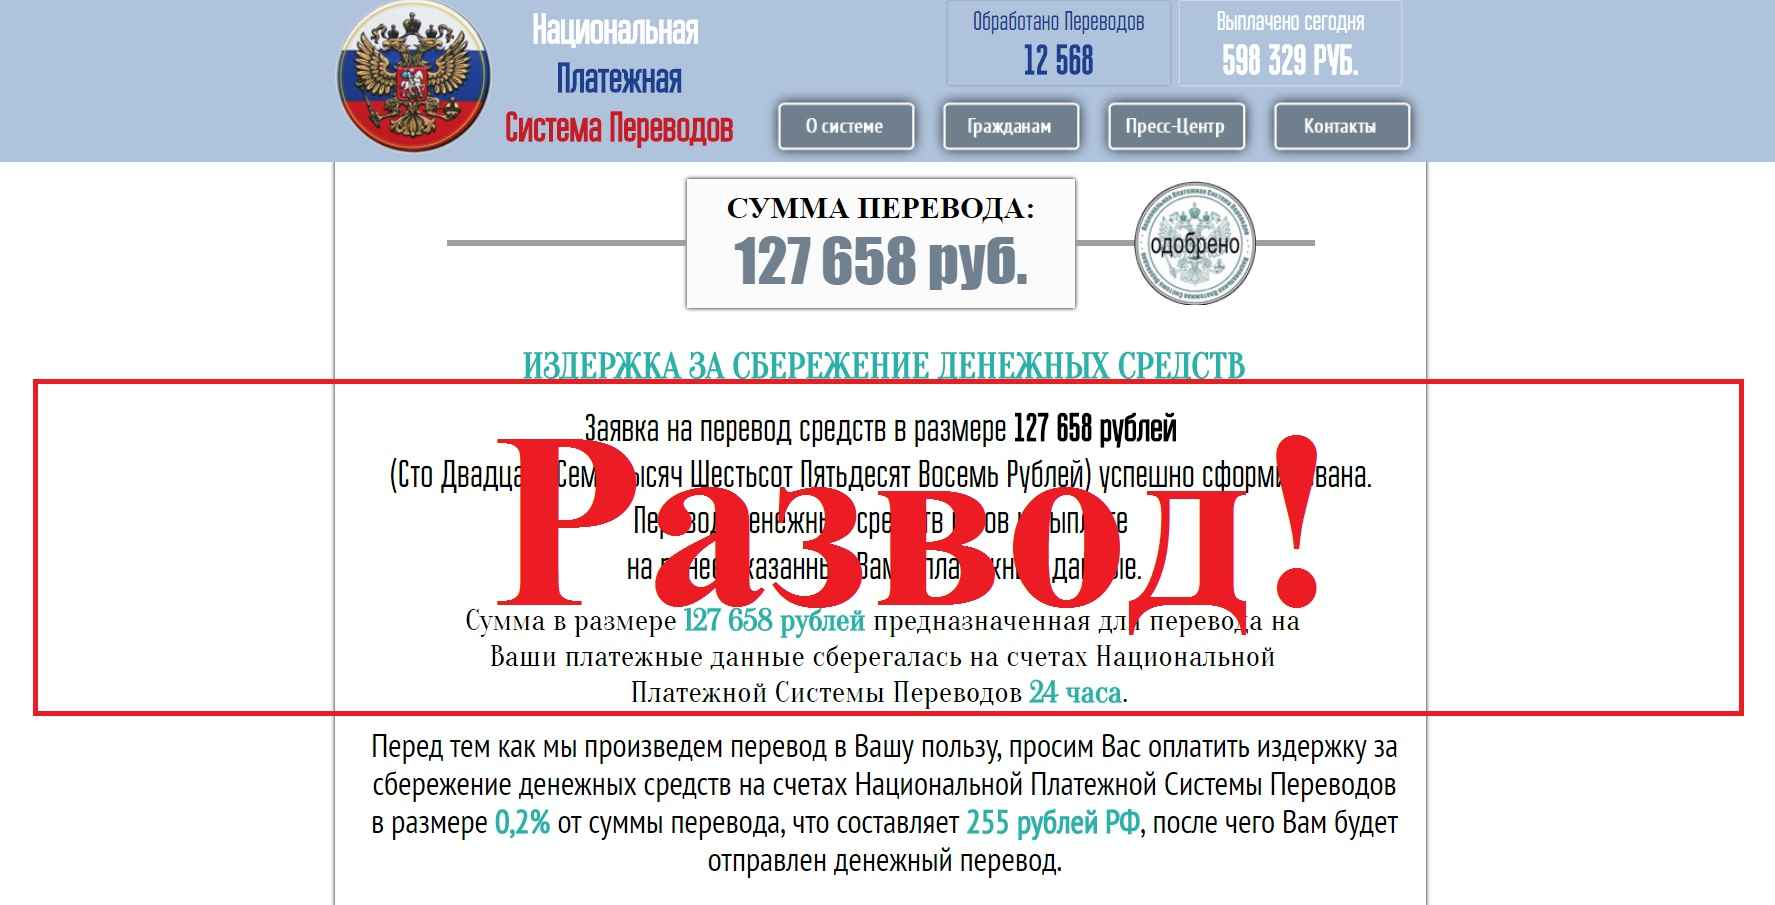 Национальная Платежная Система Переводов (НПСП) – отзывы о разводе